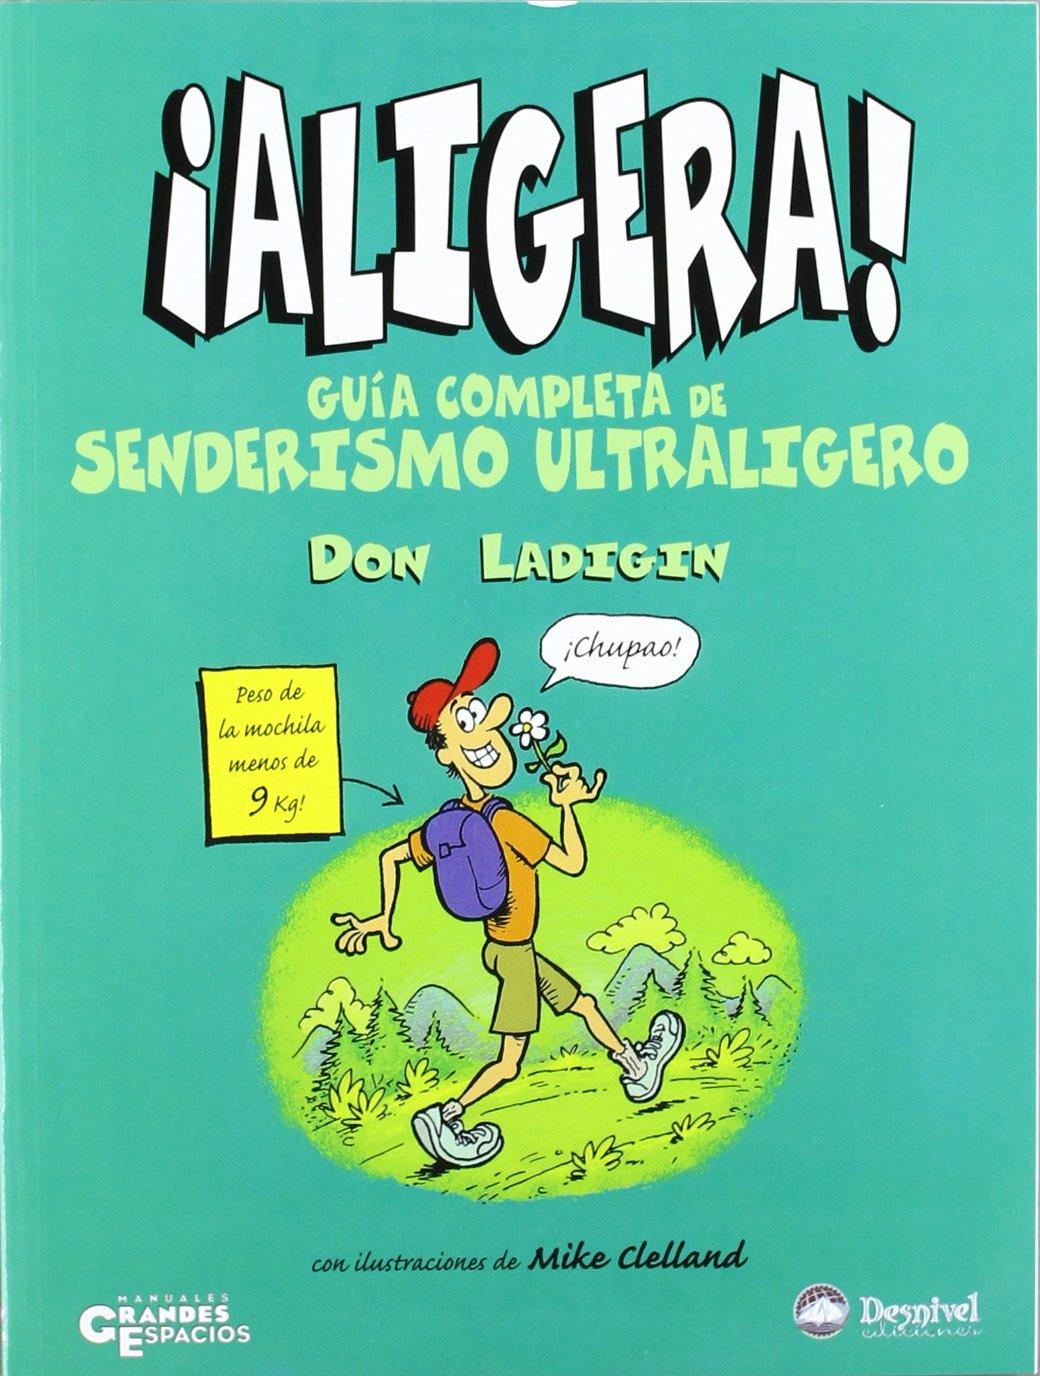 Guia Completa Senderismo Ultrali (Spanish) Paperback